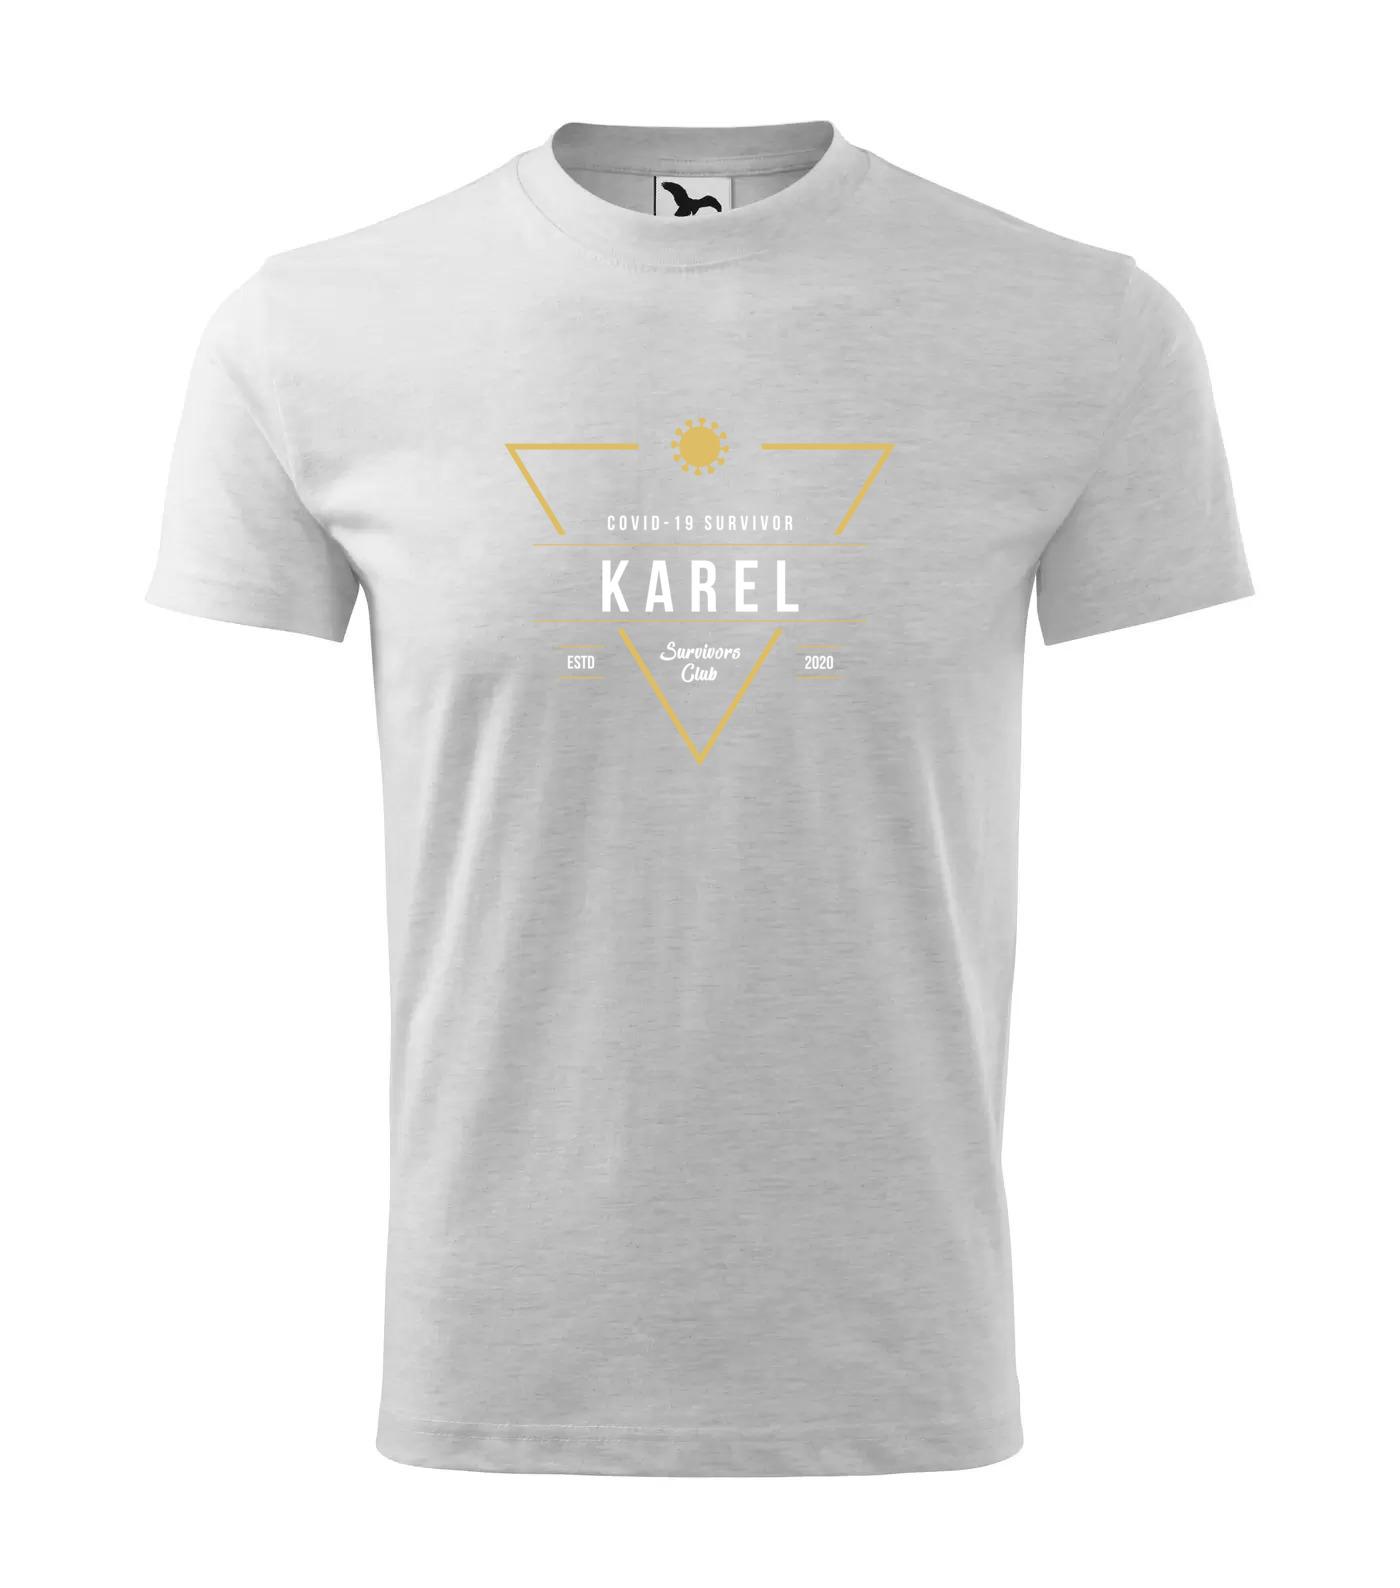 Tričko Survivor Club Karel